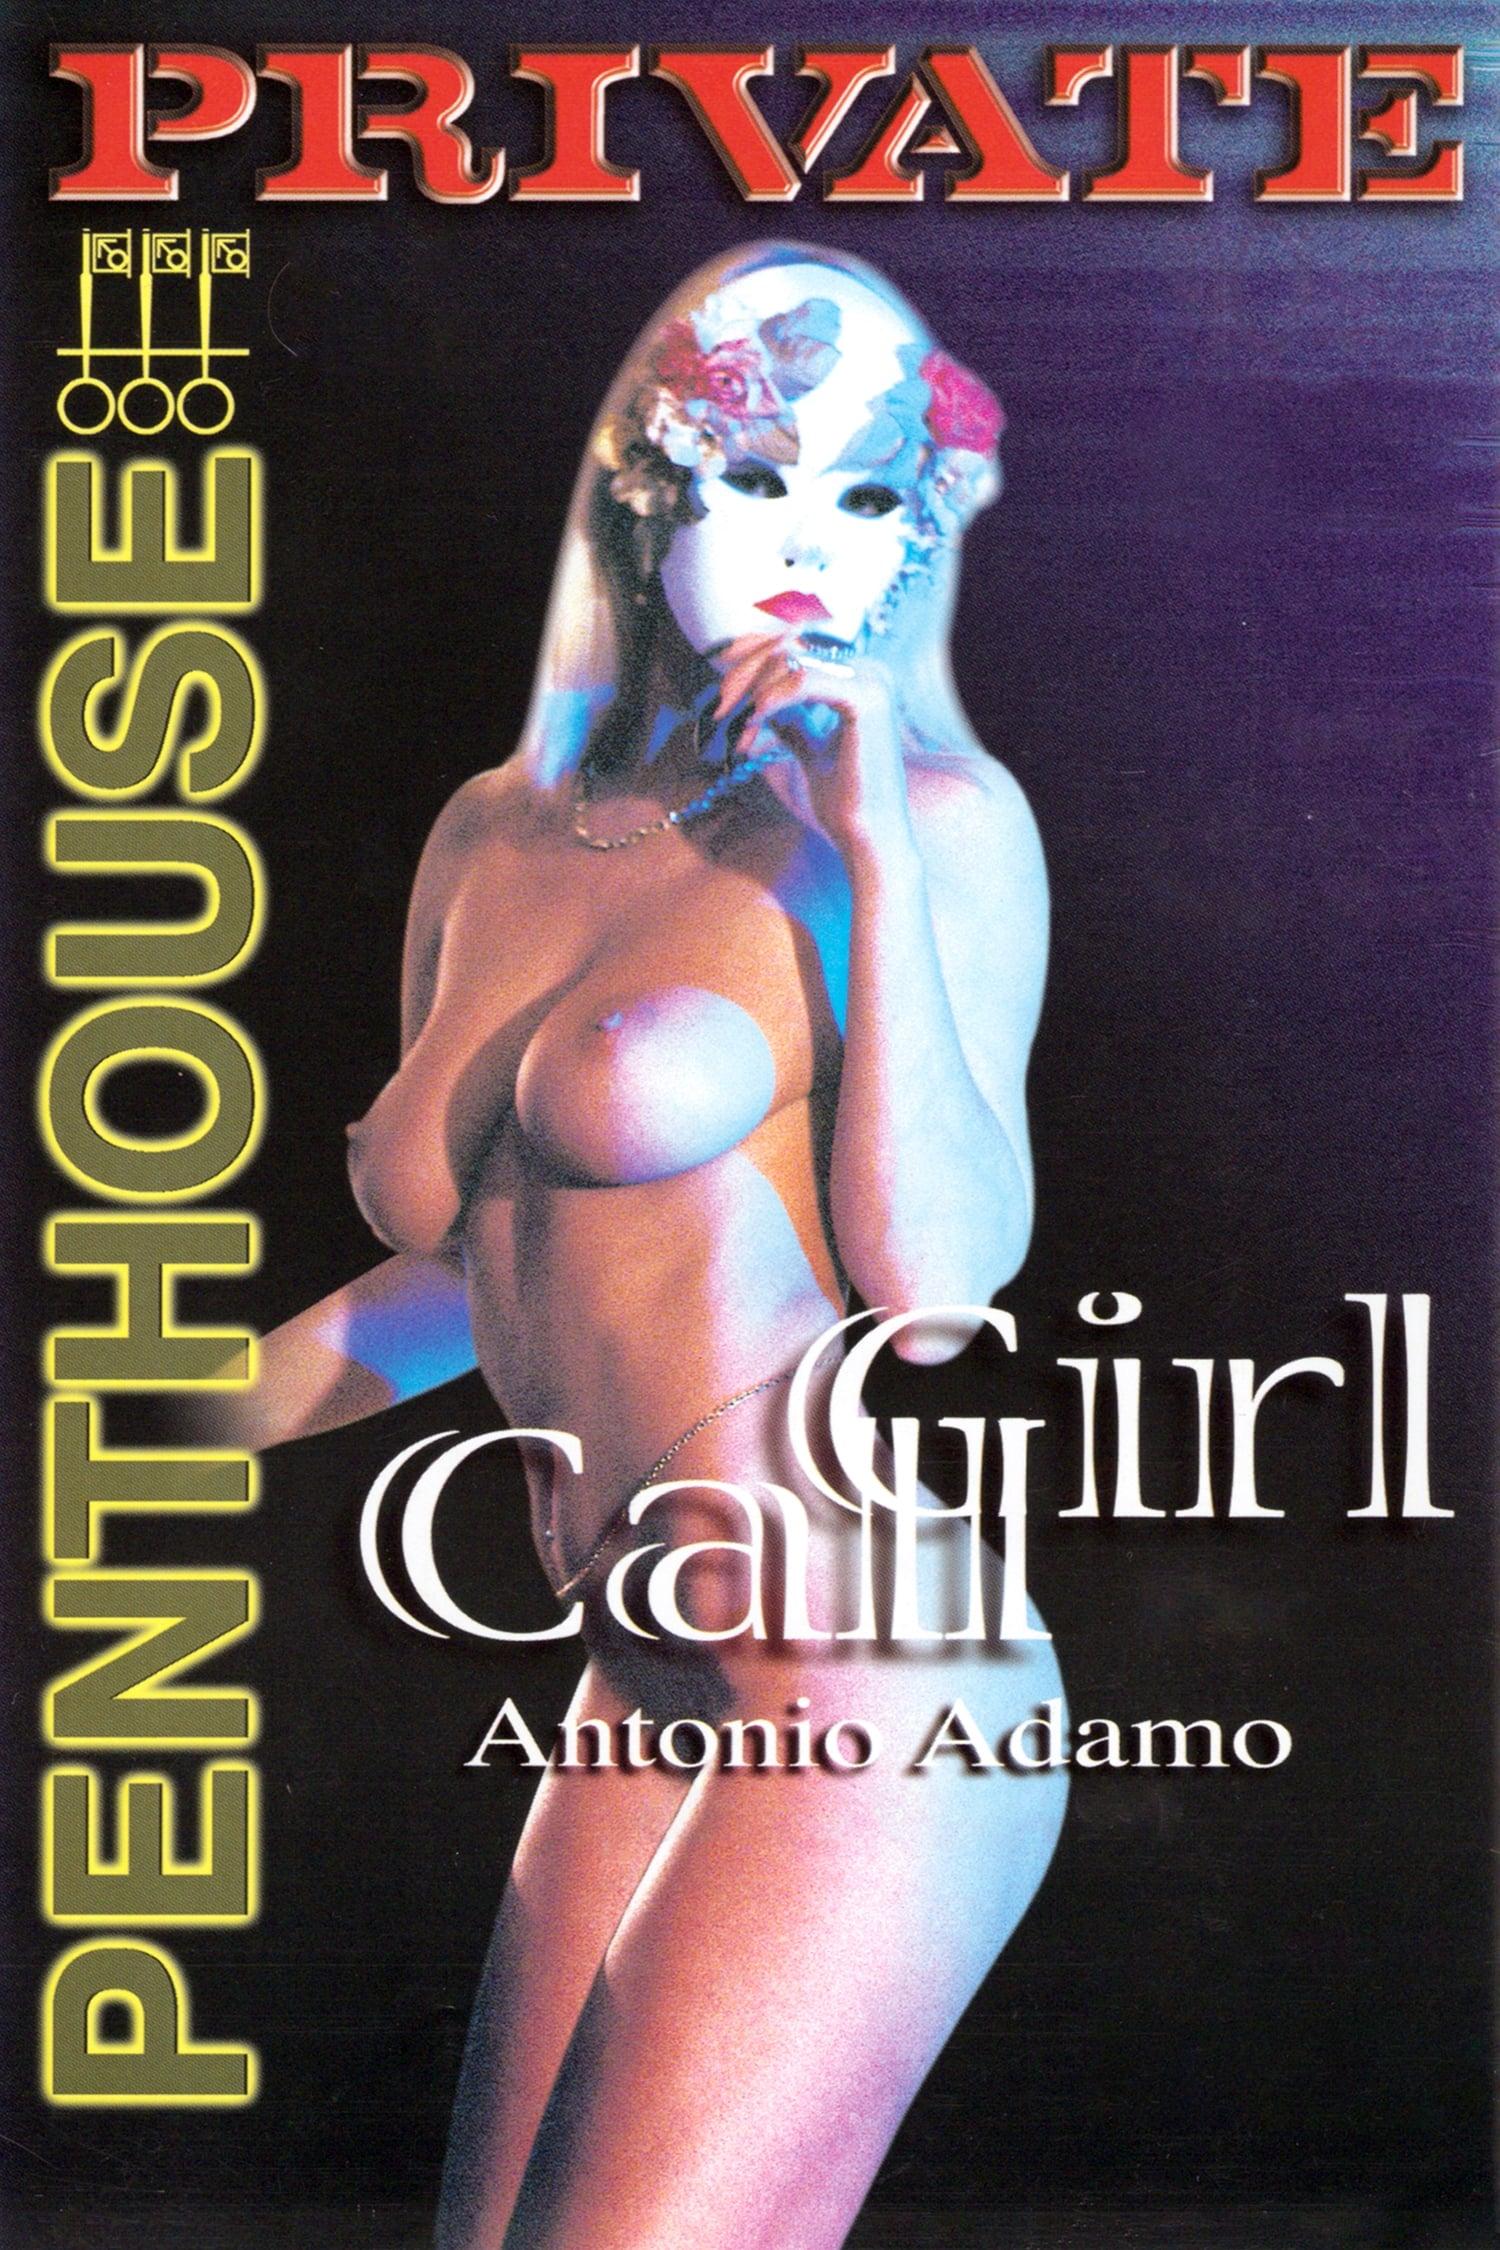 Смотреть порно фильмы студии приват антонио адамо — pic 10